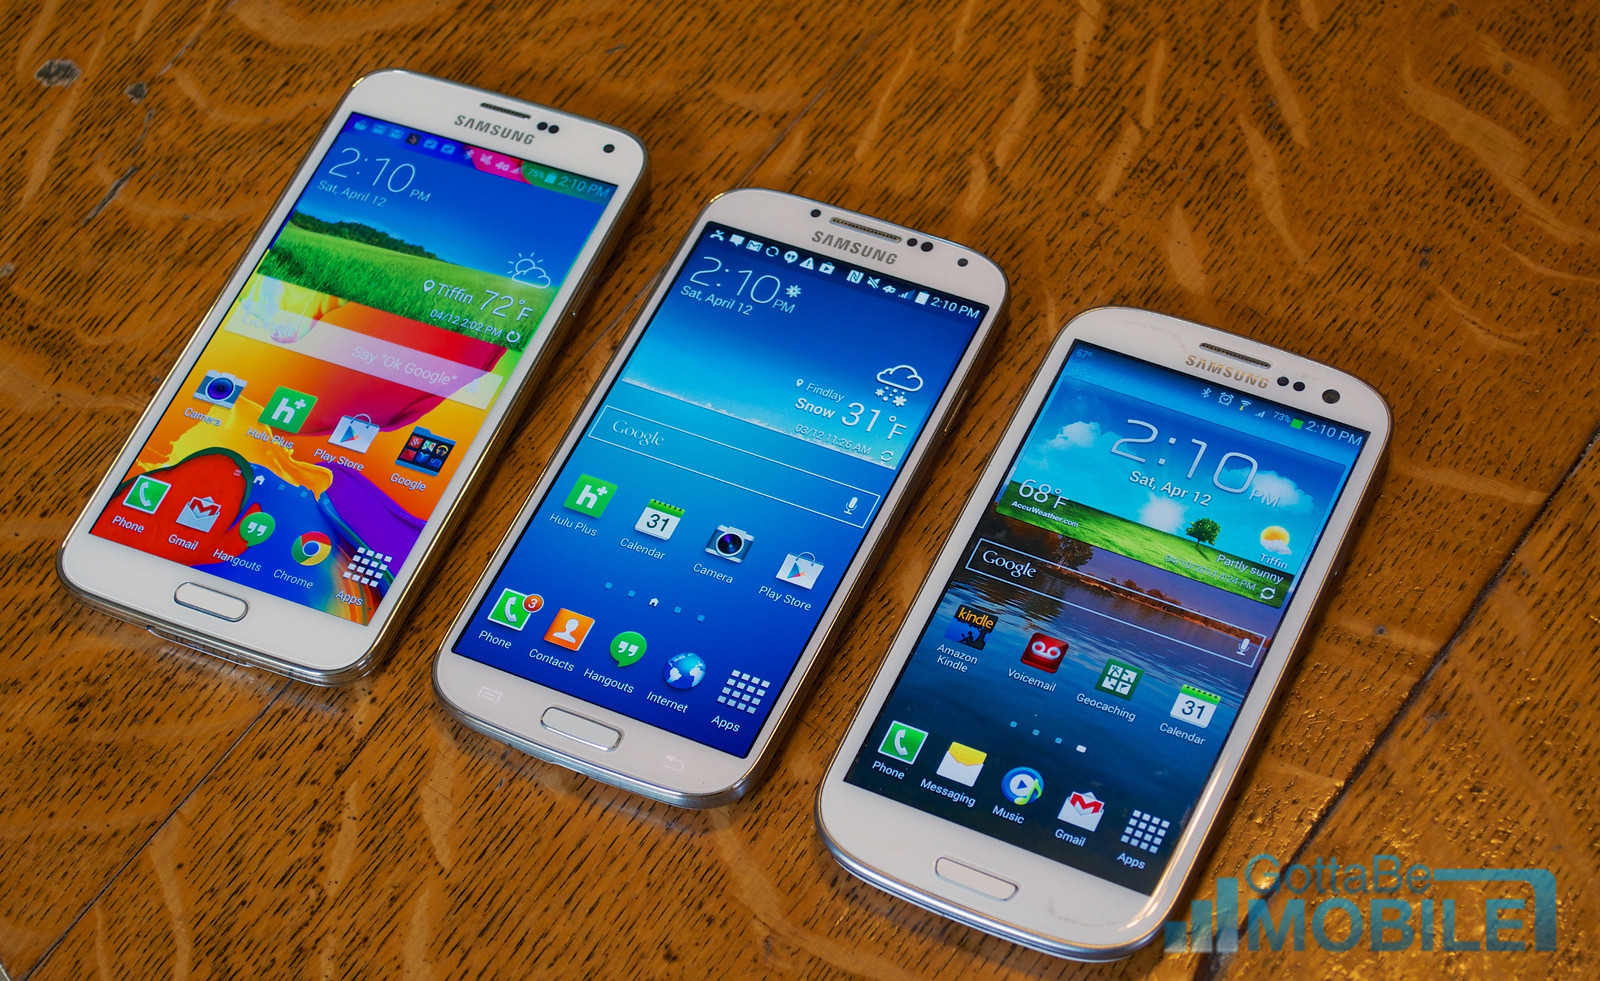 Samsung Galaxy S4 vs S5